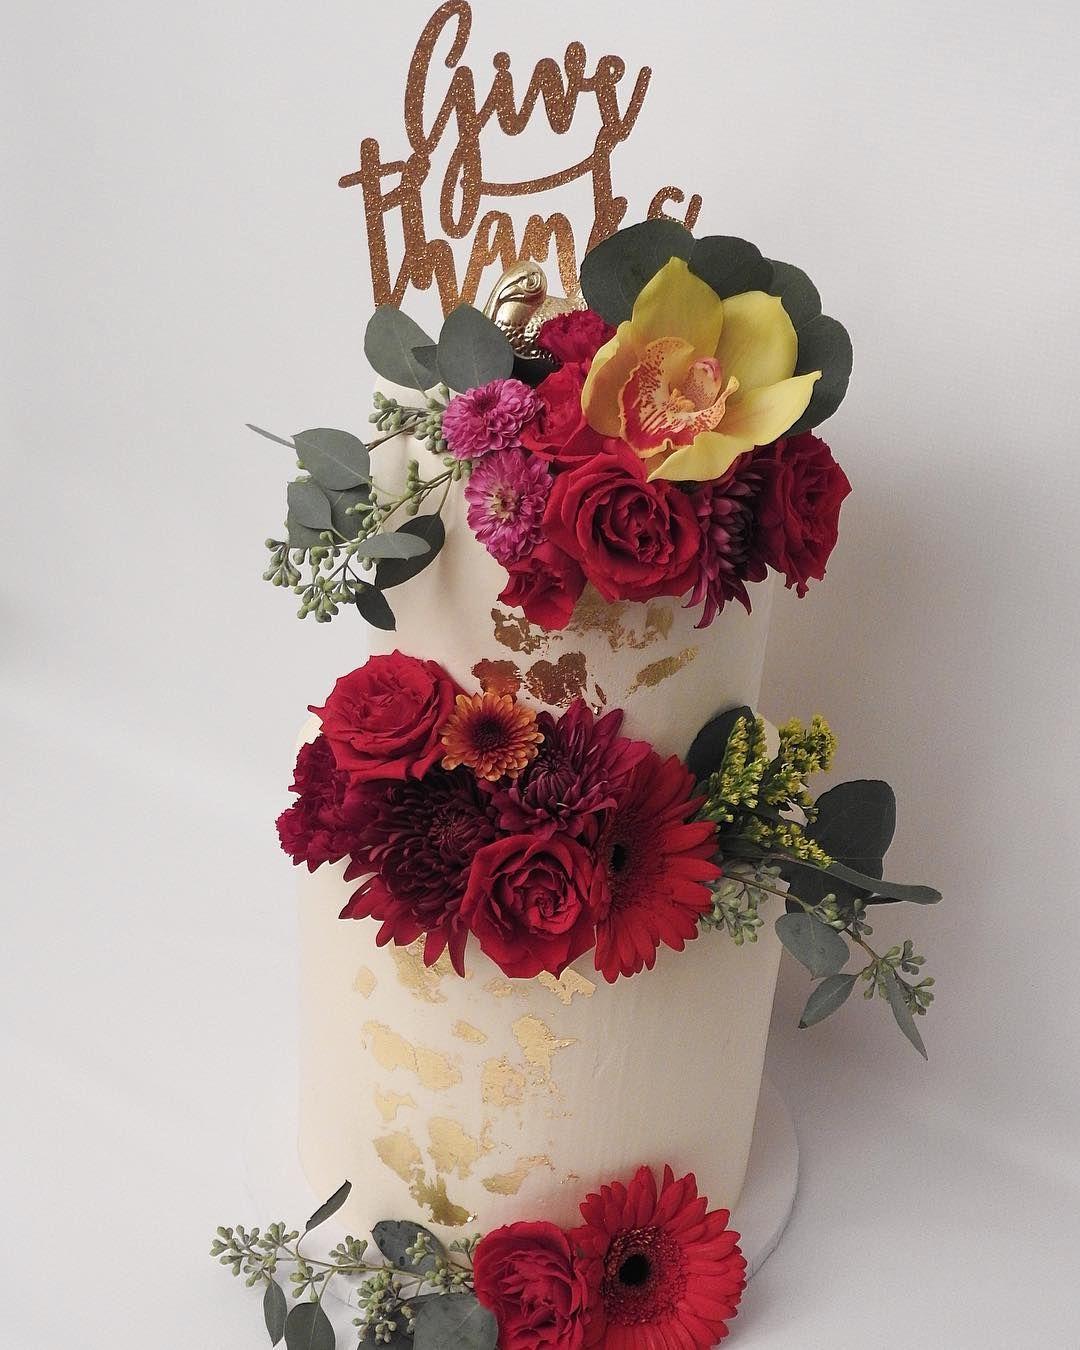 Another shot of this TALL beauty. Cake for breakfast? #thankful #thanksgiving #floralcake #cakeporm #bakeninja #buttercream #cakelife #homebaker #gold #wedding #weddingcake #cake #caketopper #yum #hellogorgeous #minnstagrammers